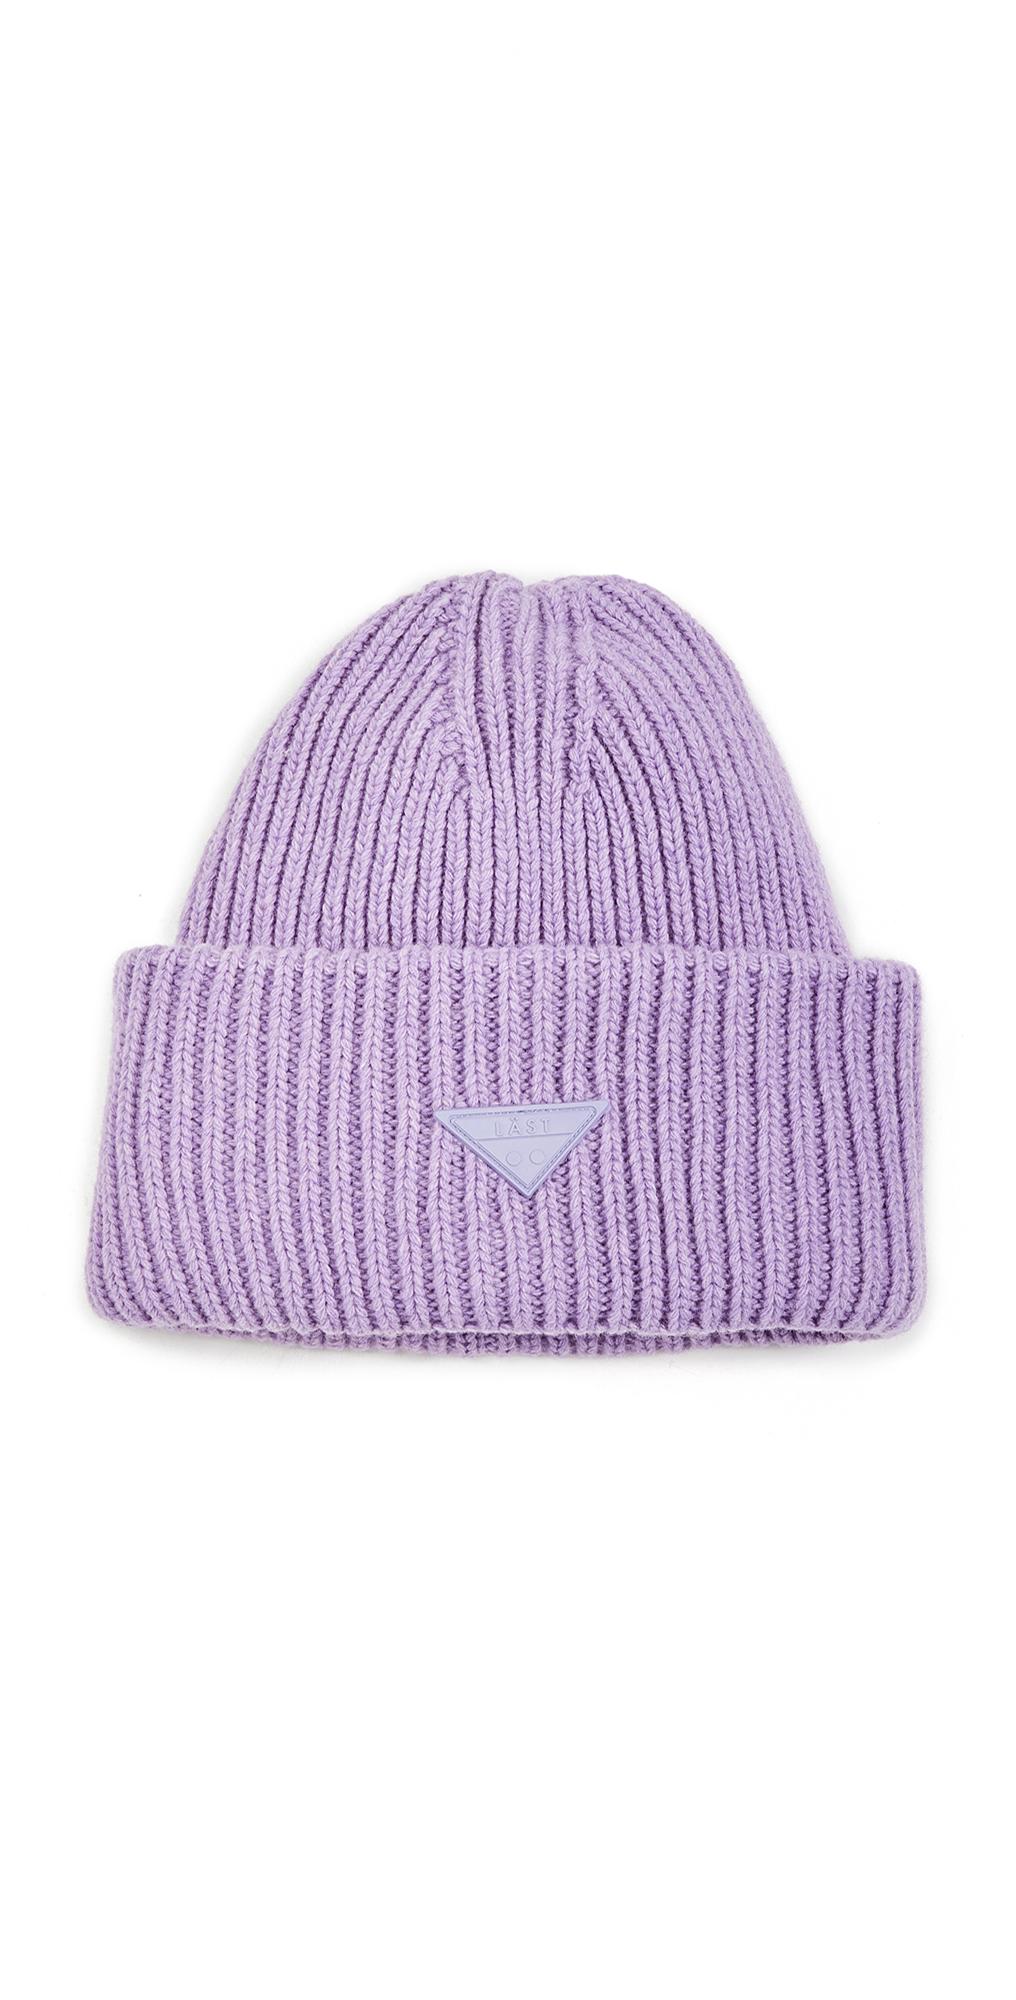 Oversize Lavender Hat